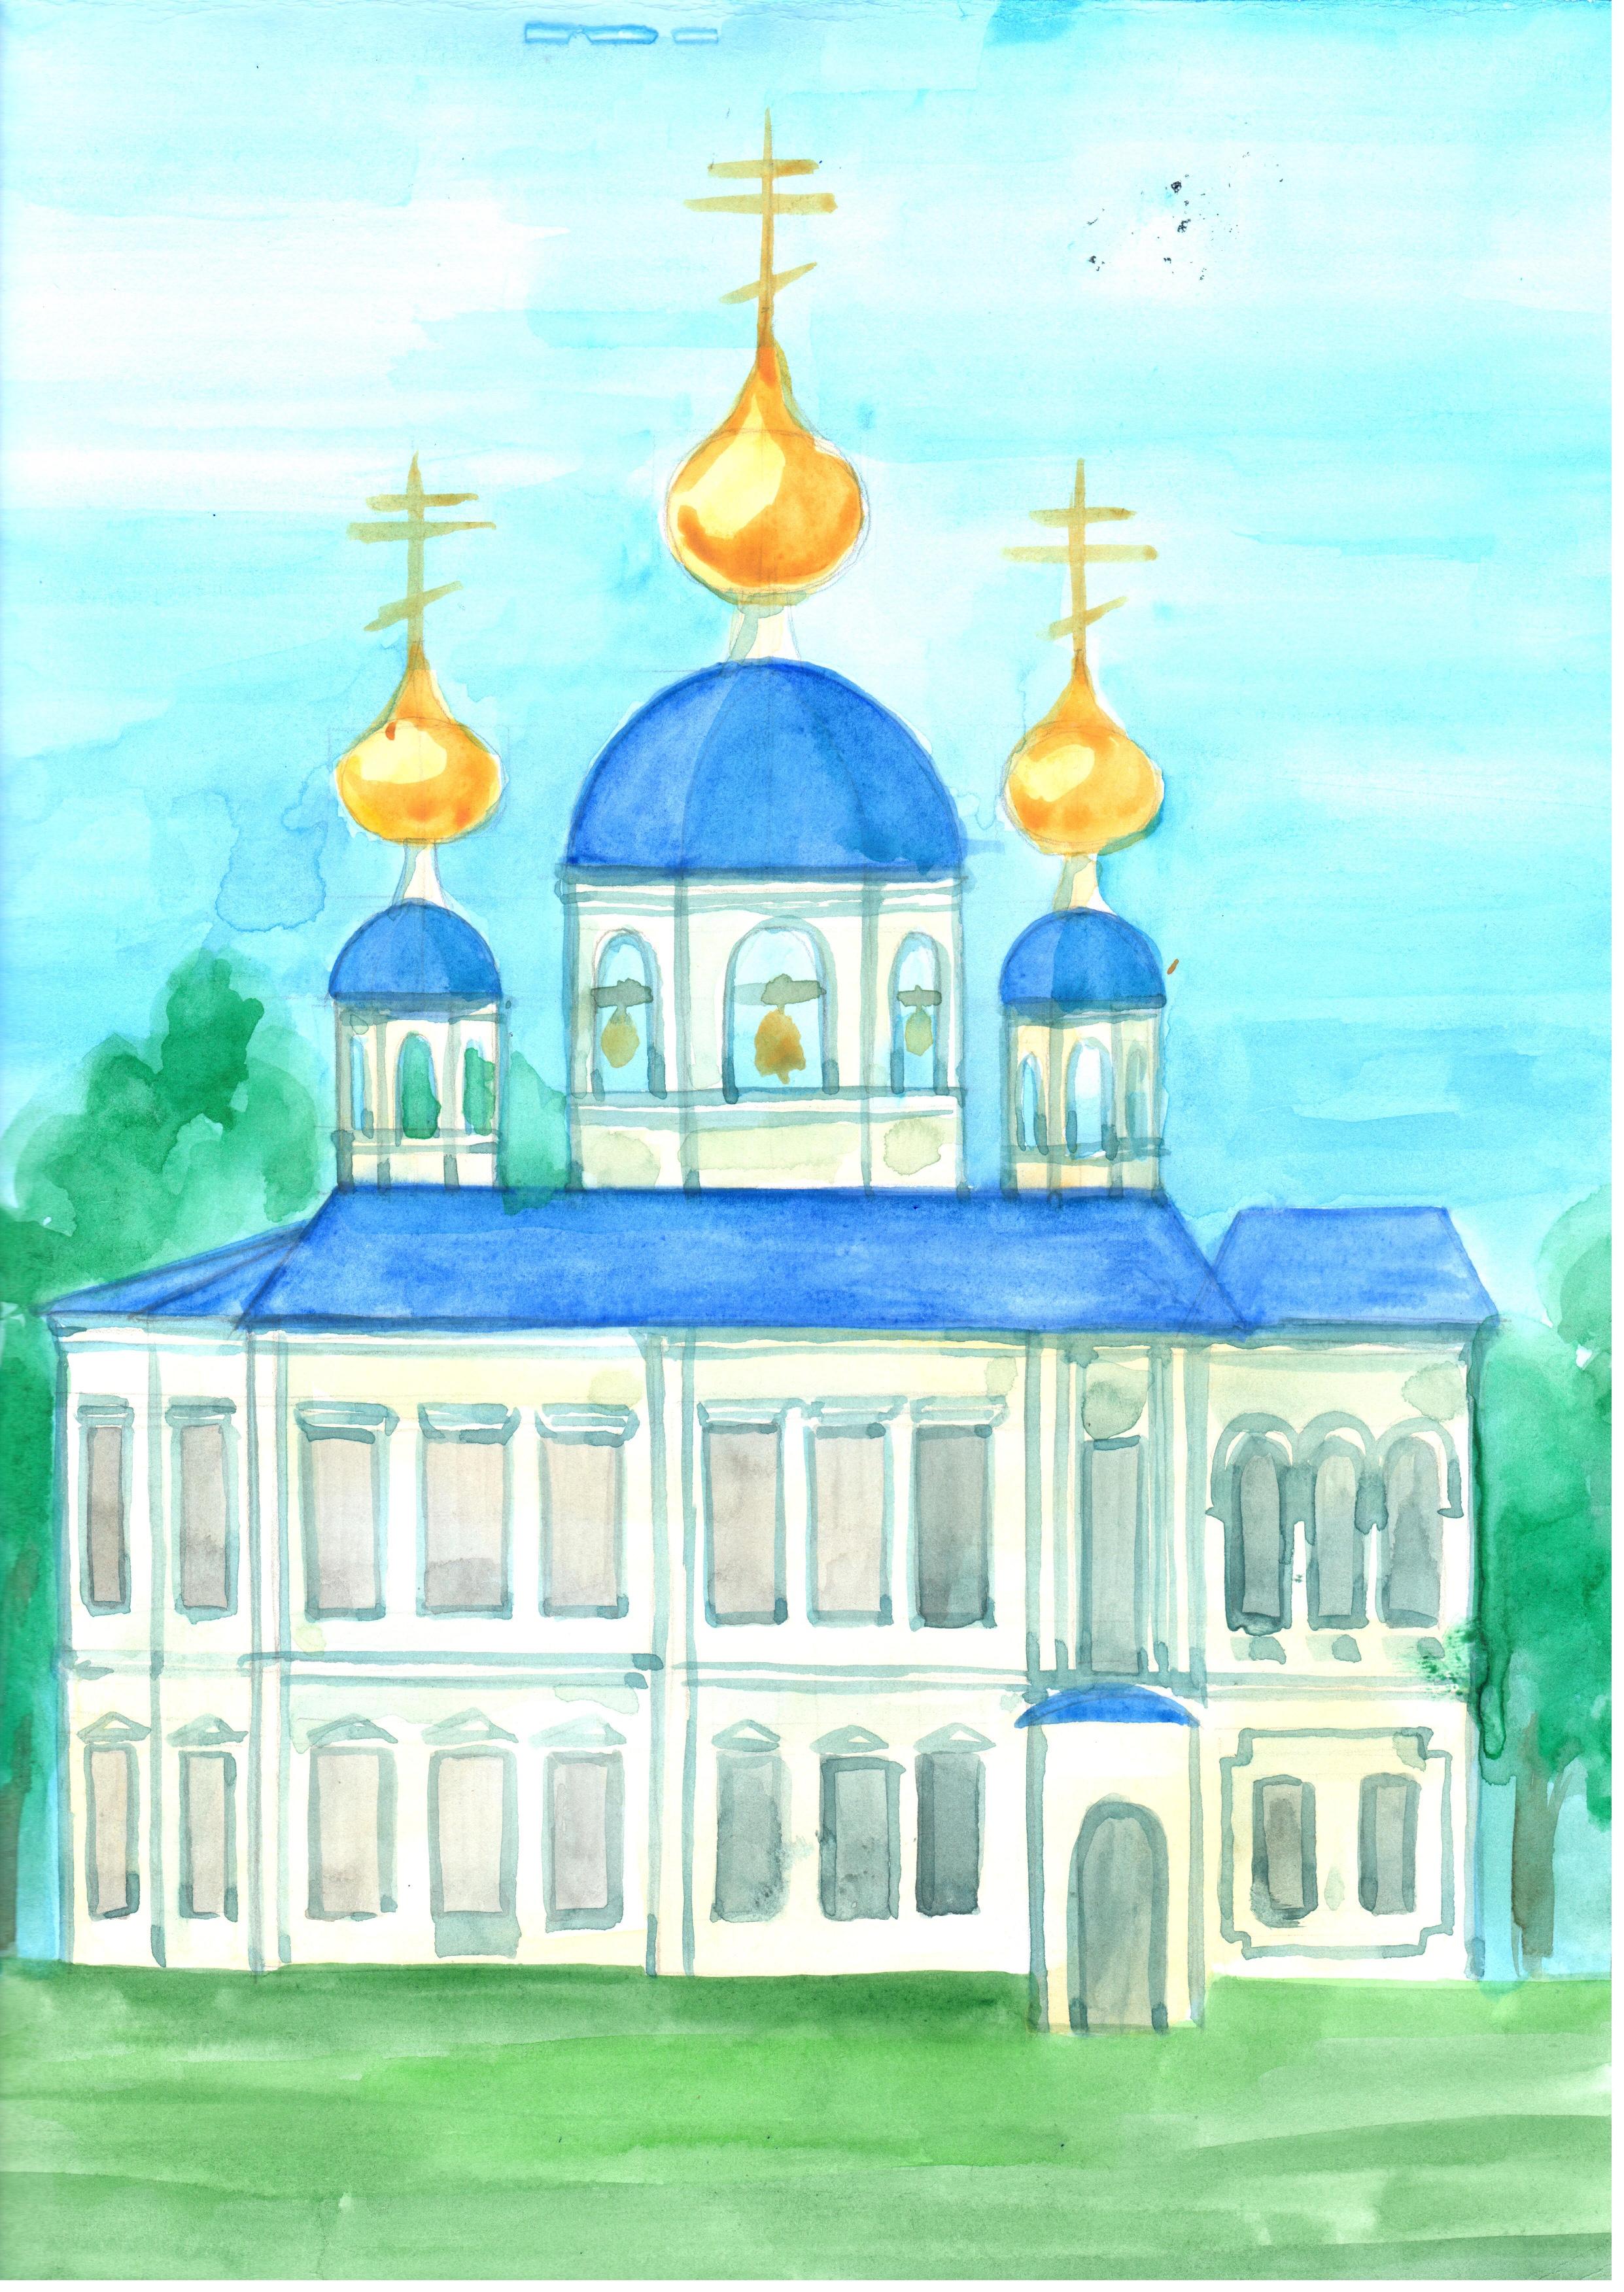 Рисунок 2 - Эскиз восстановленной Ильинской Церкви. Автор - Базуева Алена Николаевна.